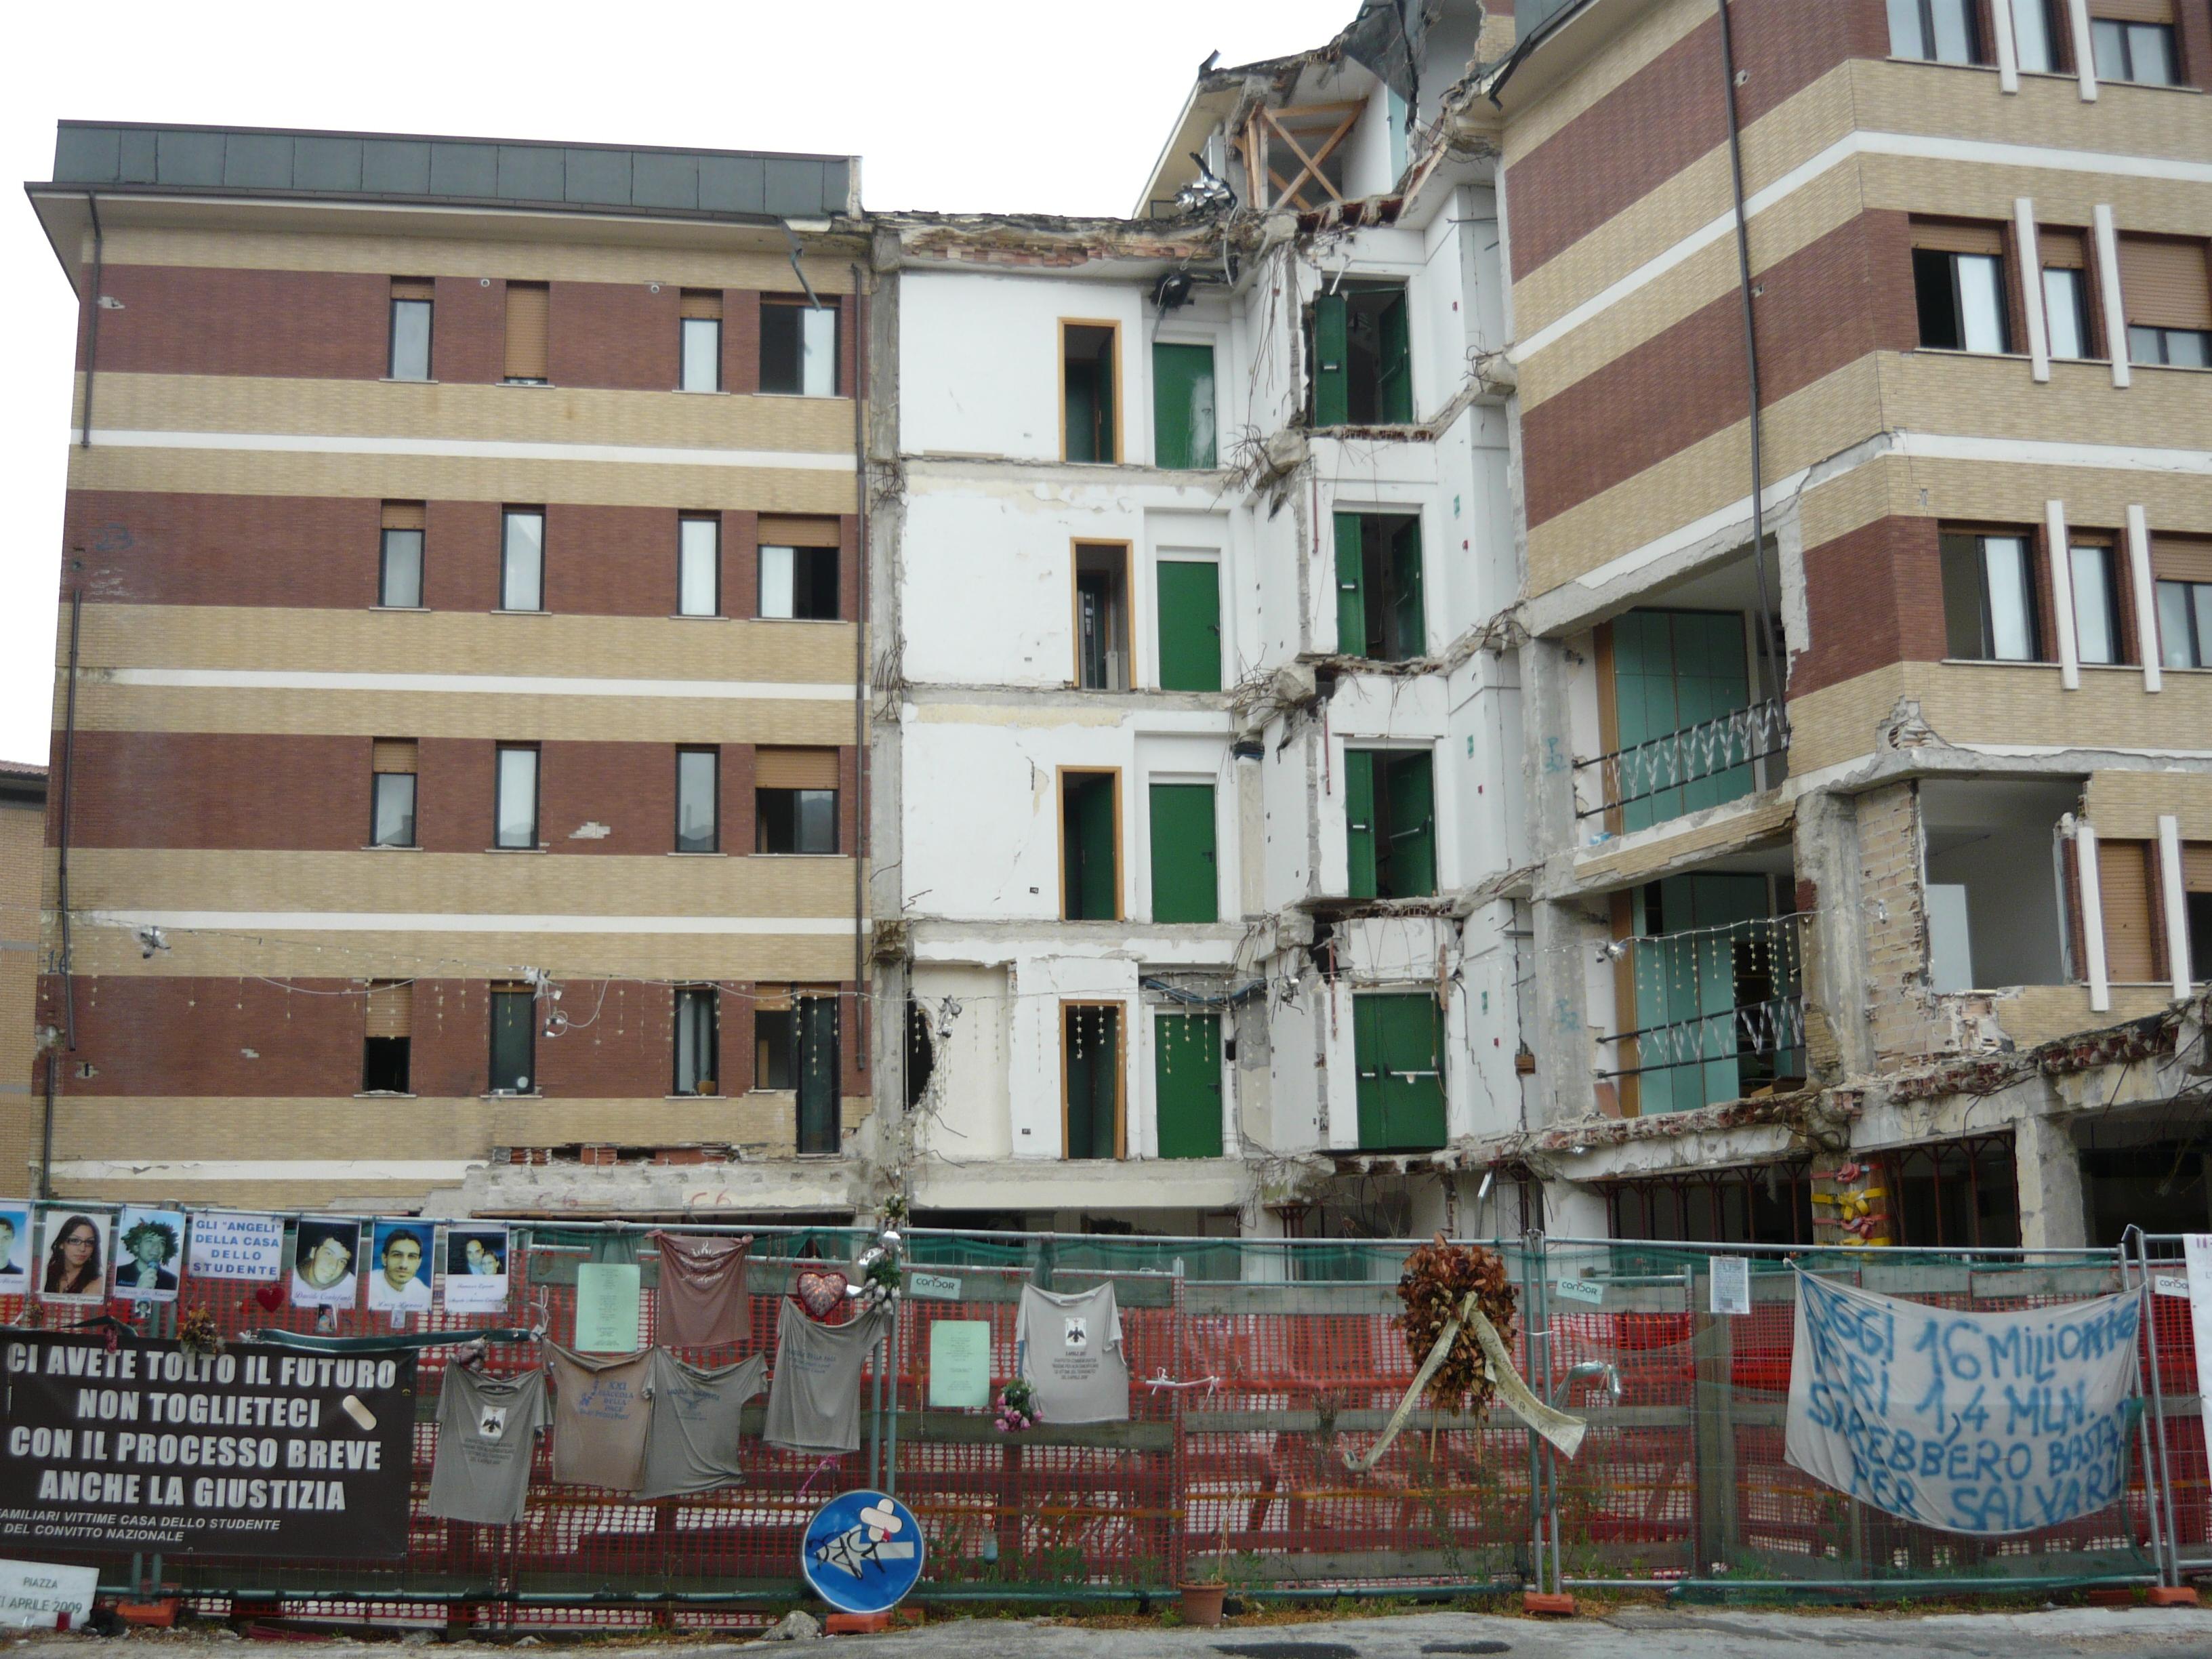 Crollo casa studente Aq: 6 milioni di risarcimento